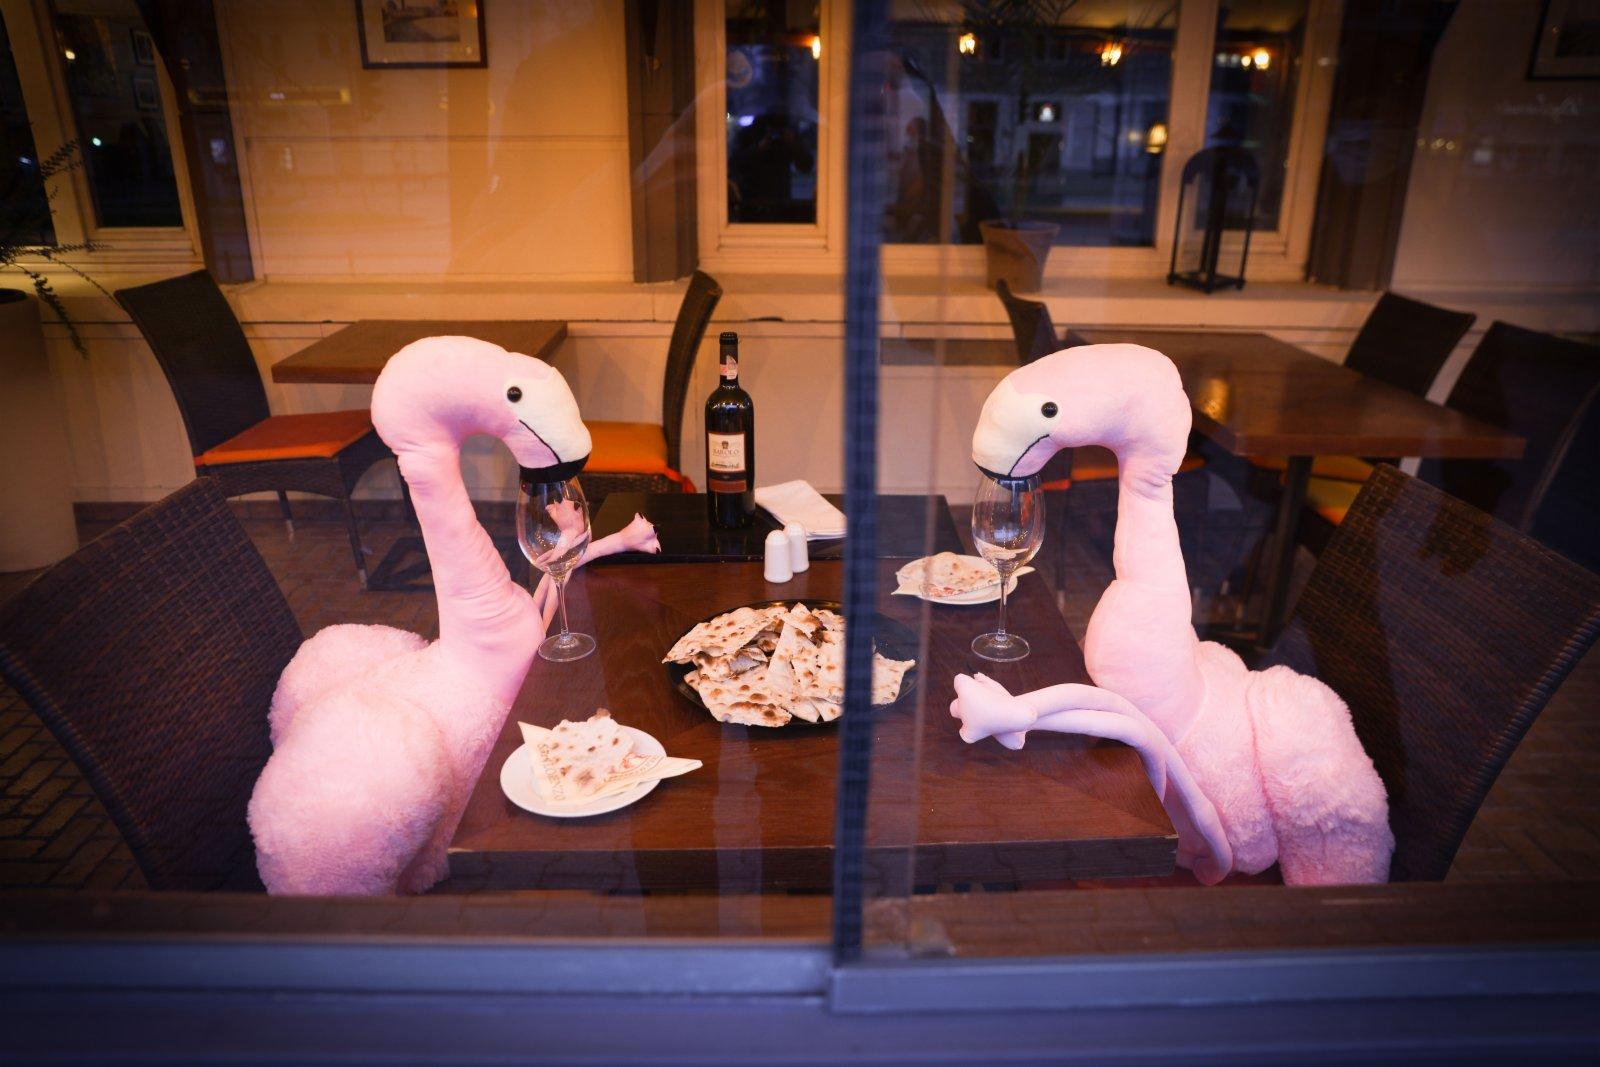 4月13日,波蘭首都華沙一家餐館將動物玩偶擺放在靠窗座位上吸引顧客。(新華社)